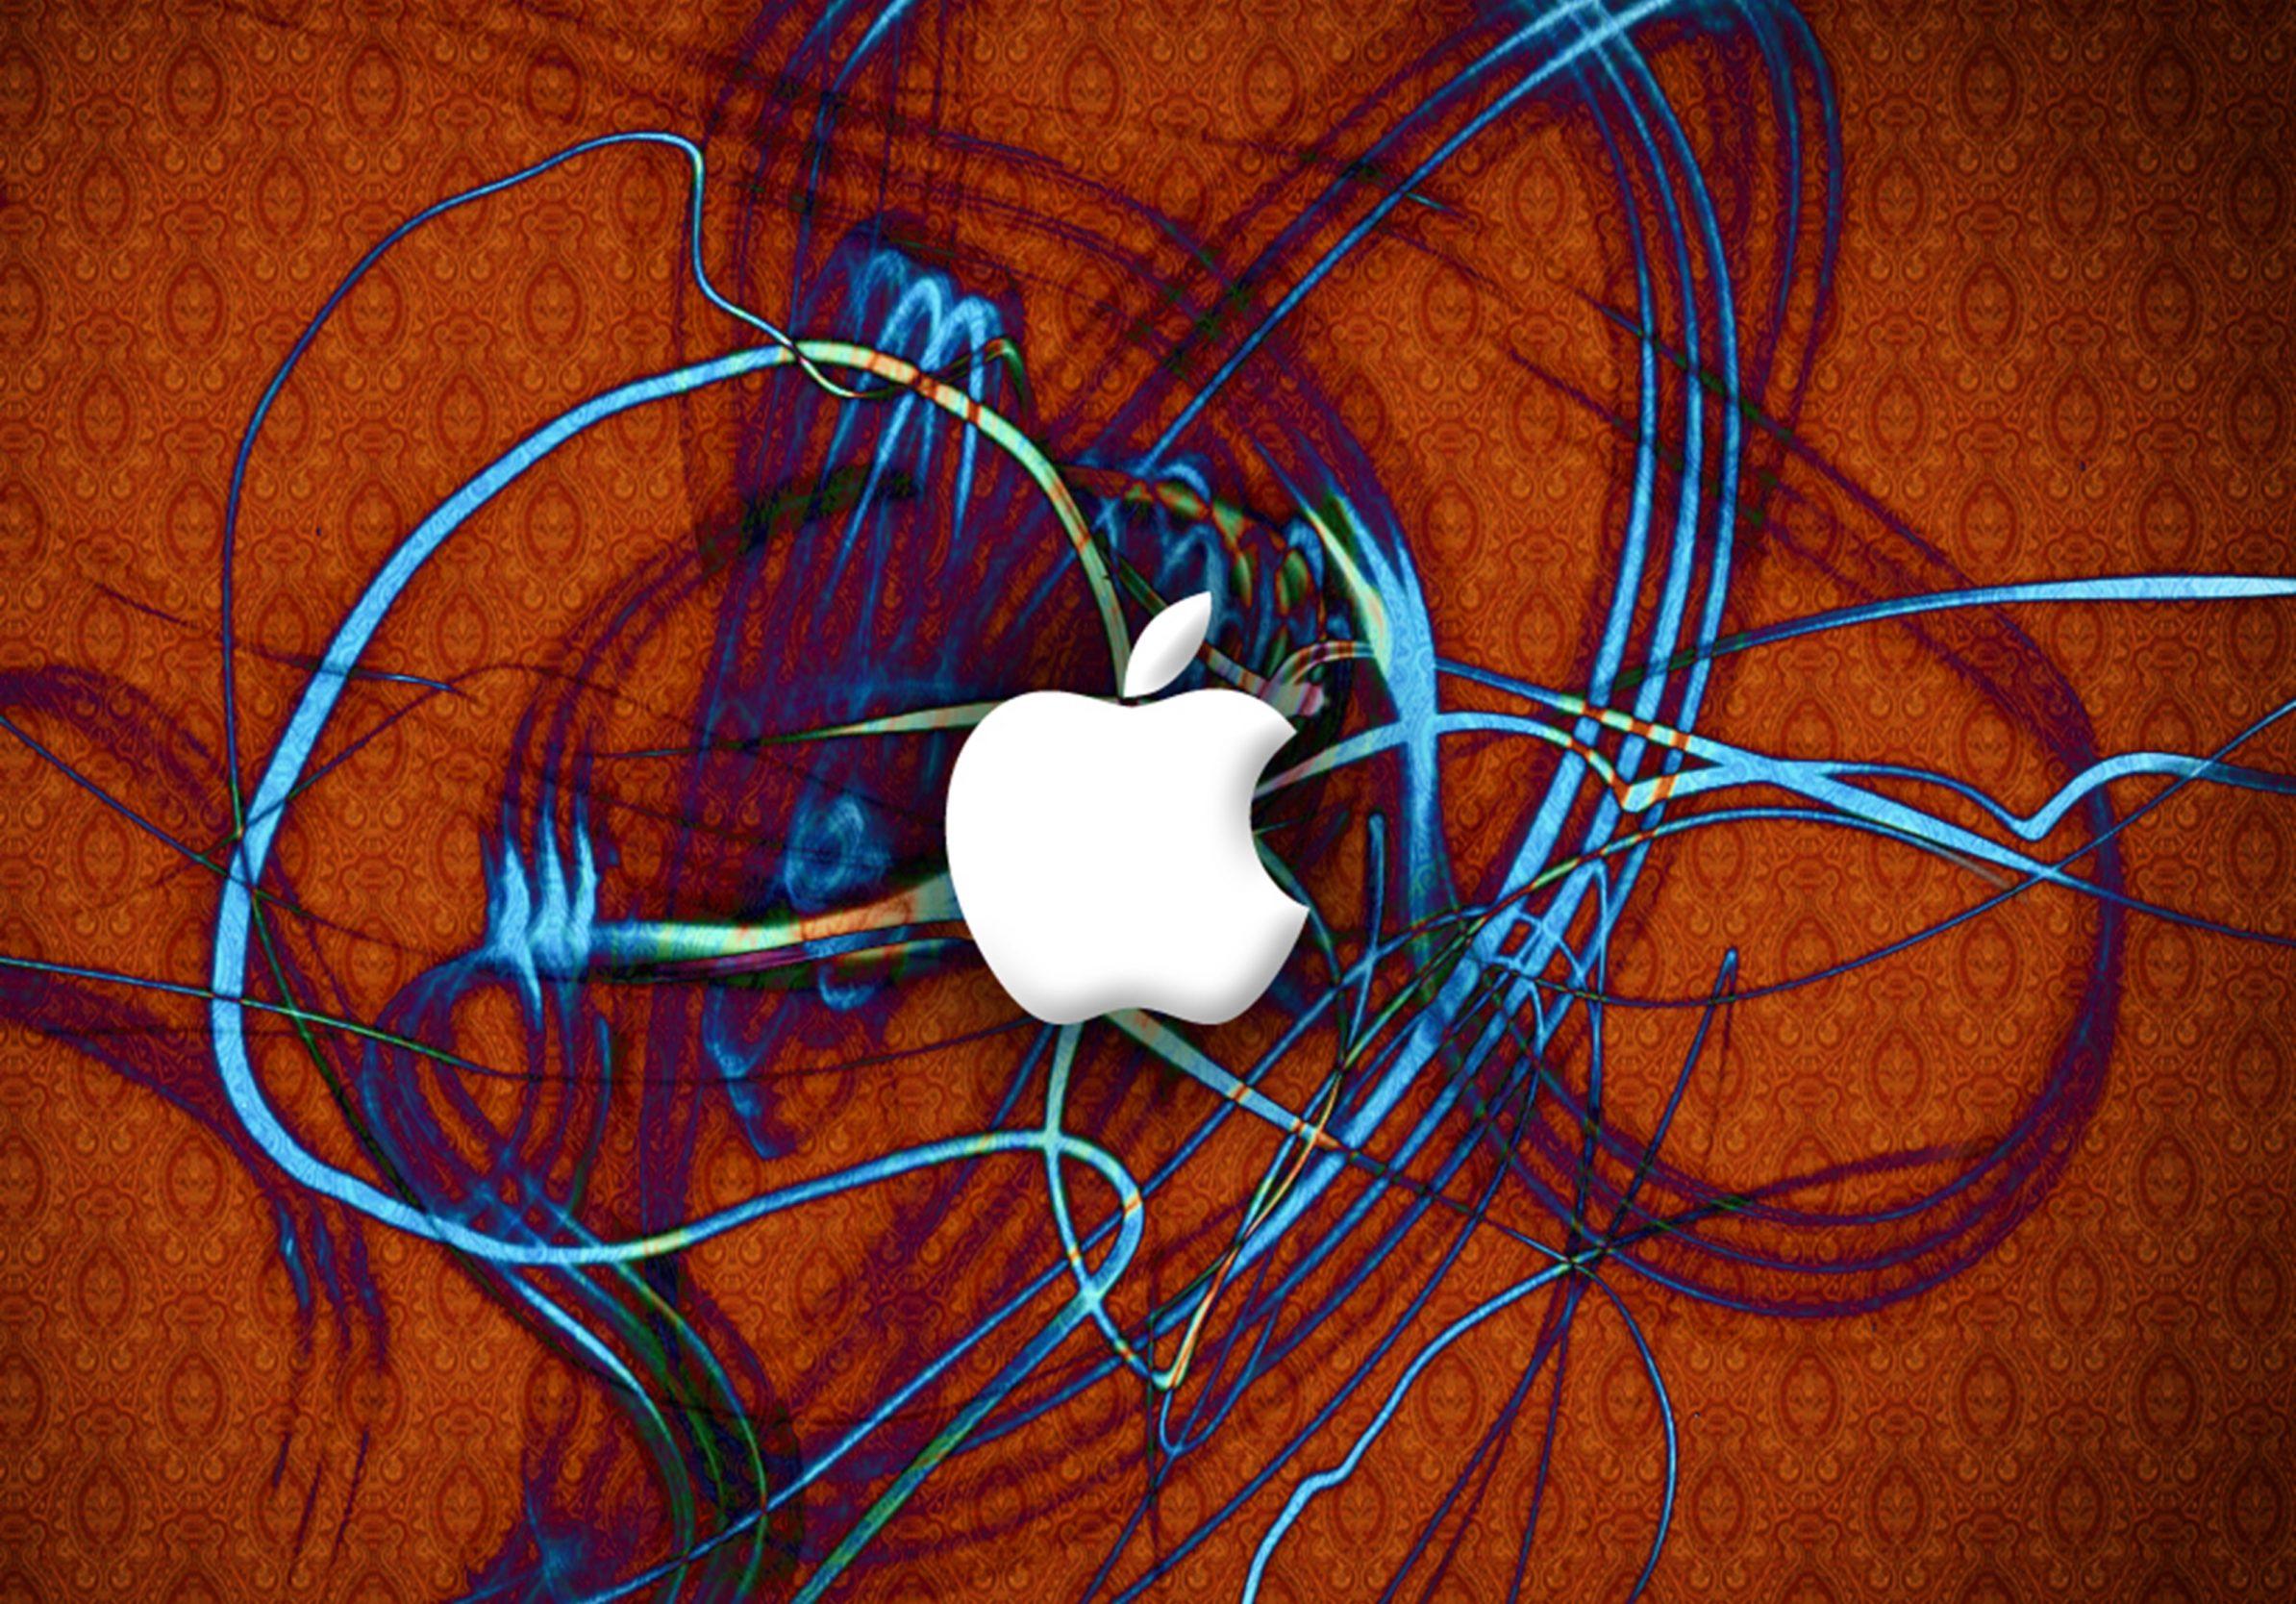 2388x1668 iPad Pro wallpapers Apple Blue Ribbon Ipad Wallpaper 2388x1668 pixels resolution